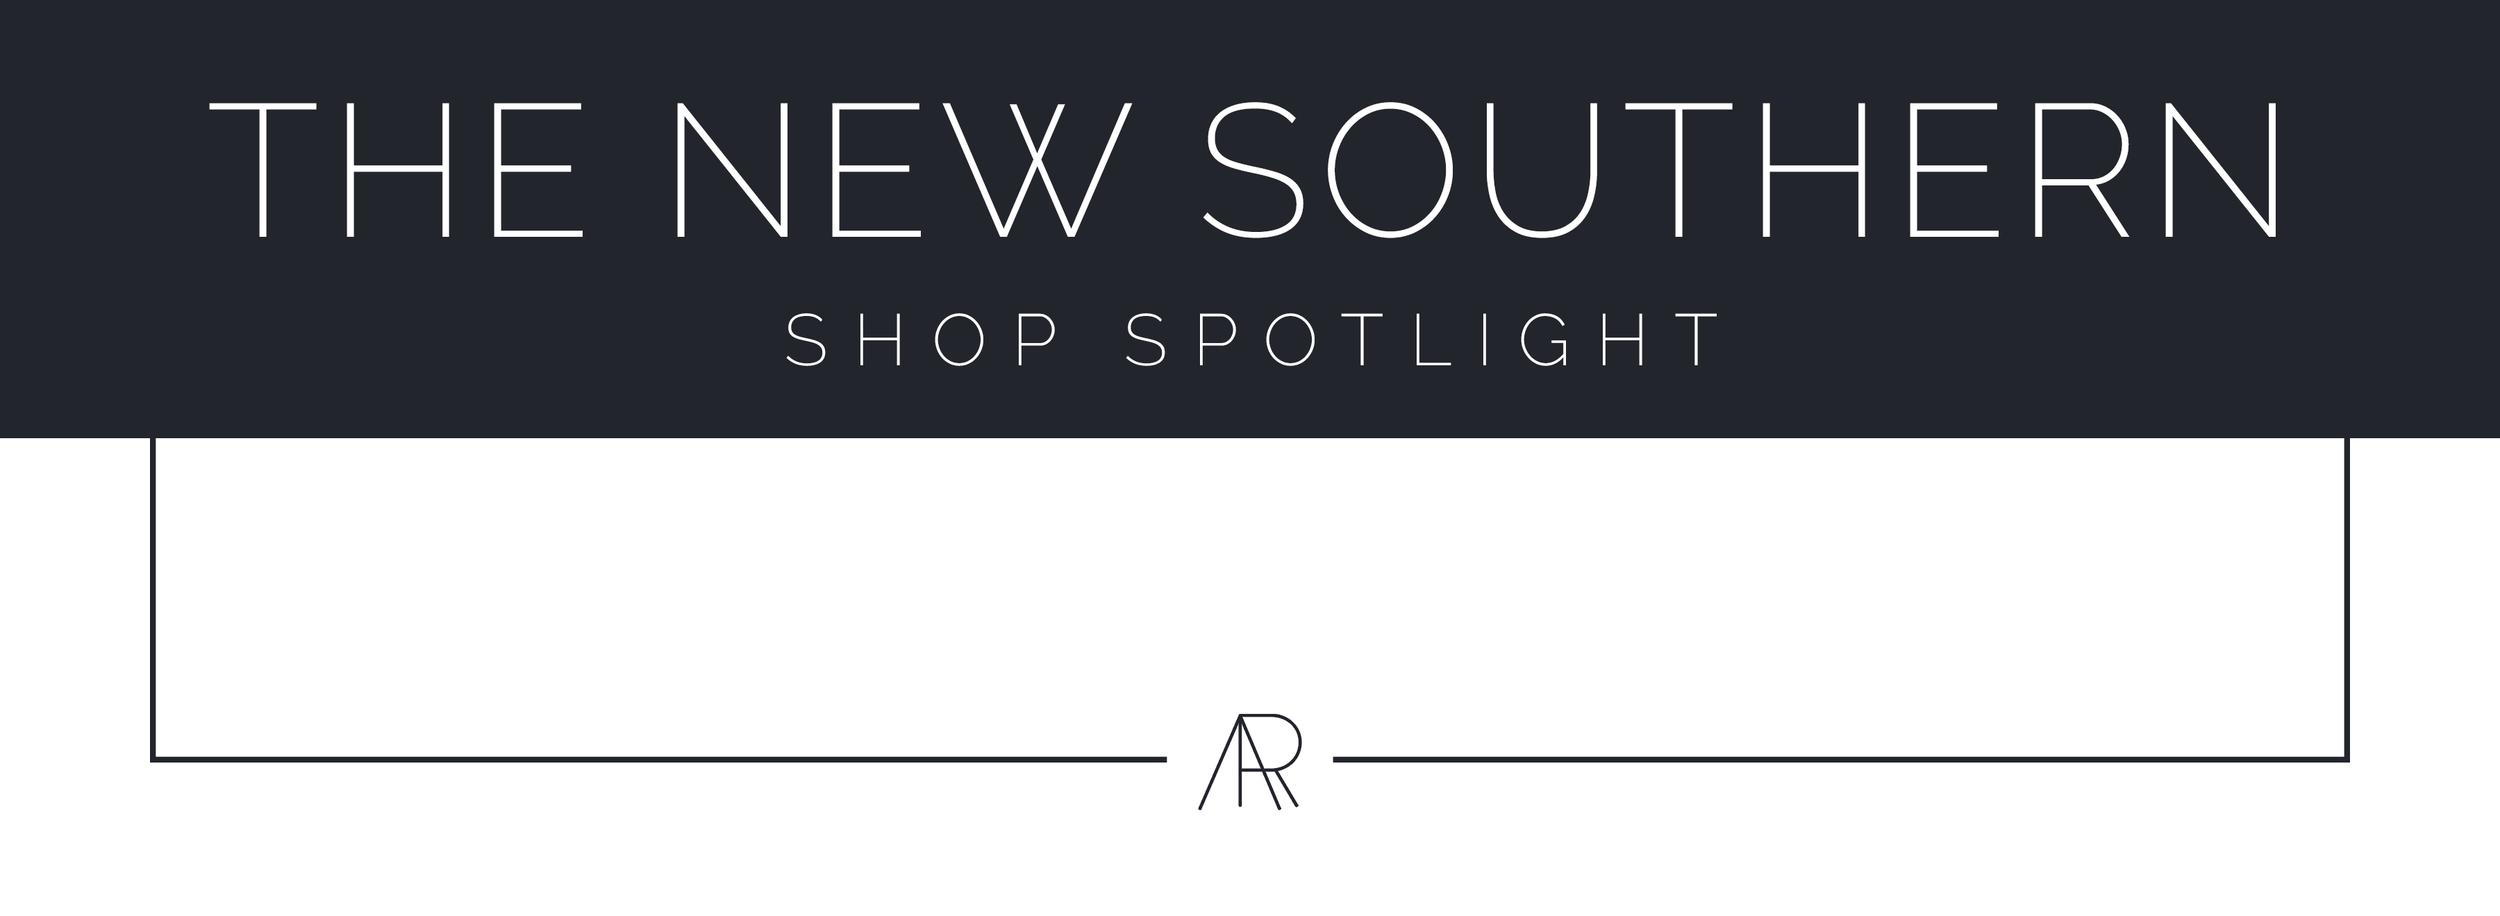 Alyssa Rosenheck's The New Southern Shop Spotlight with Laura Lemon, Owner of Lemon Laine in Nashville, TN